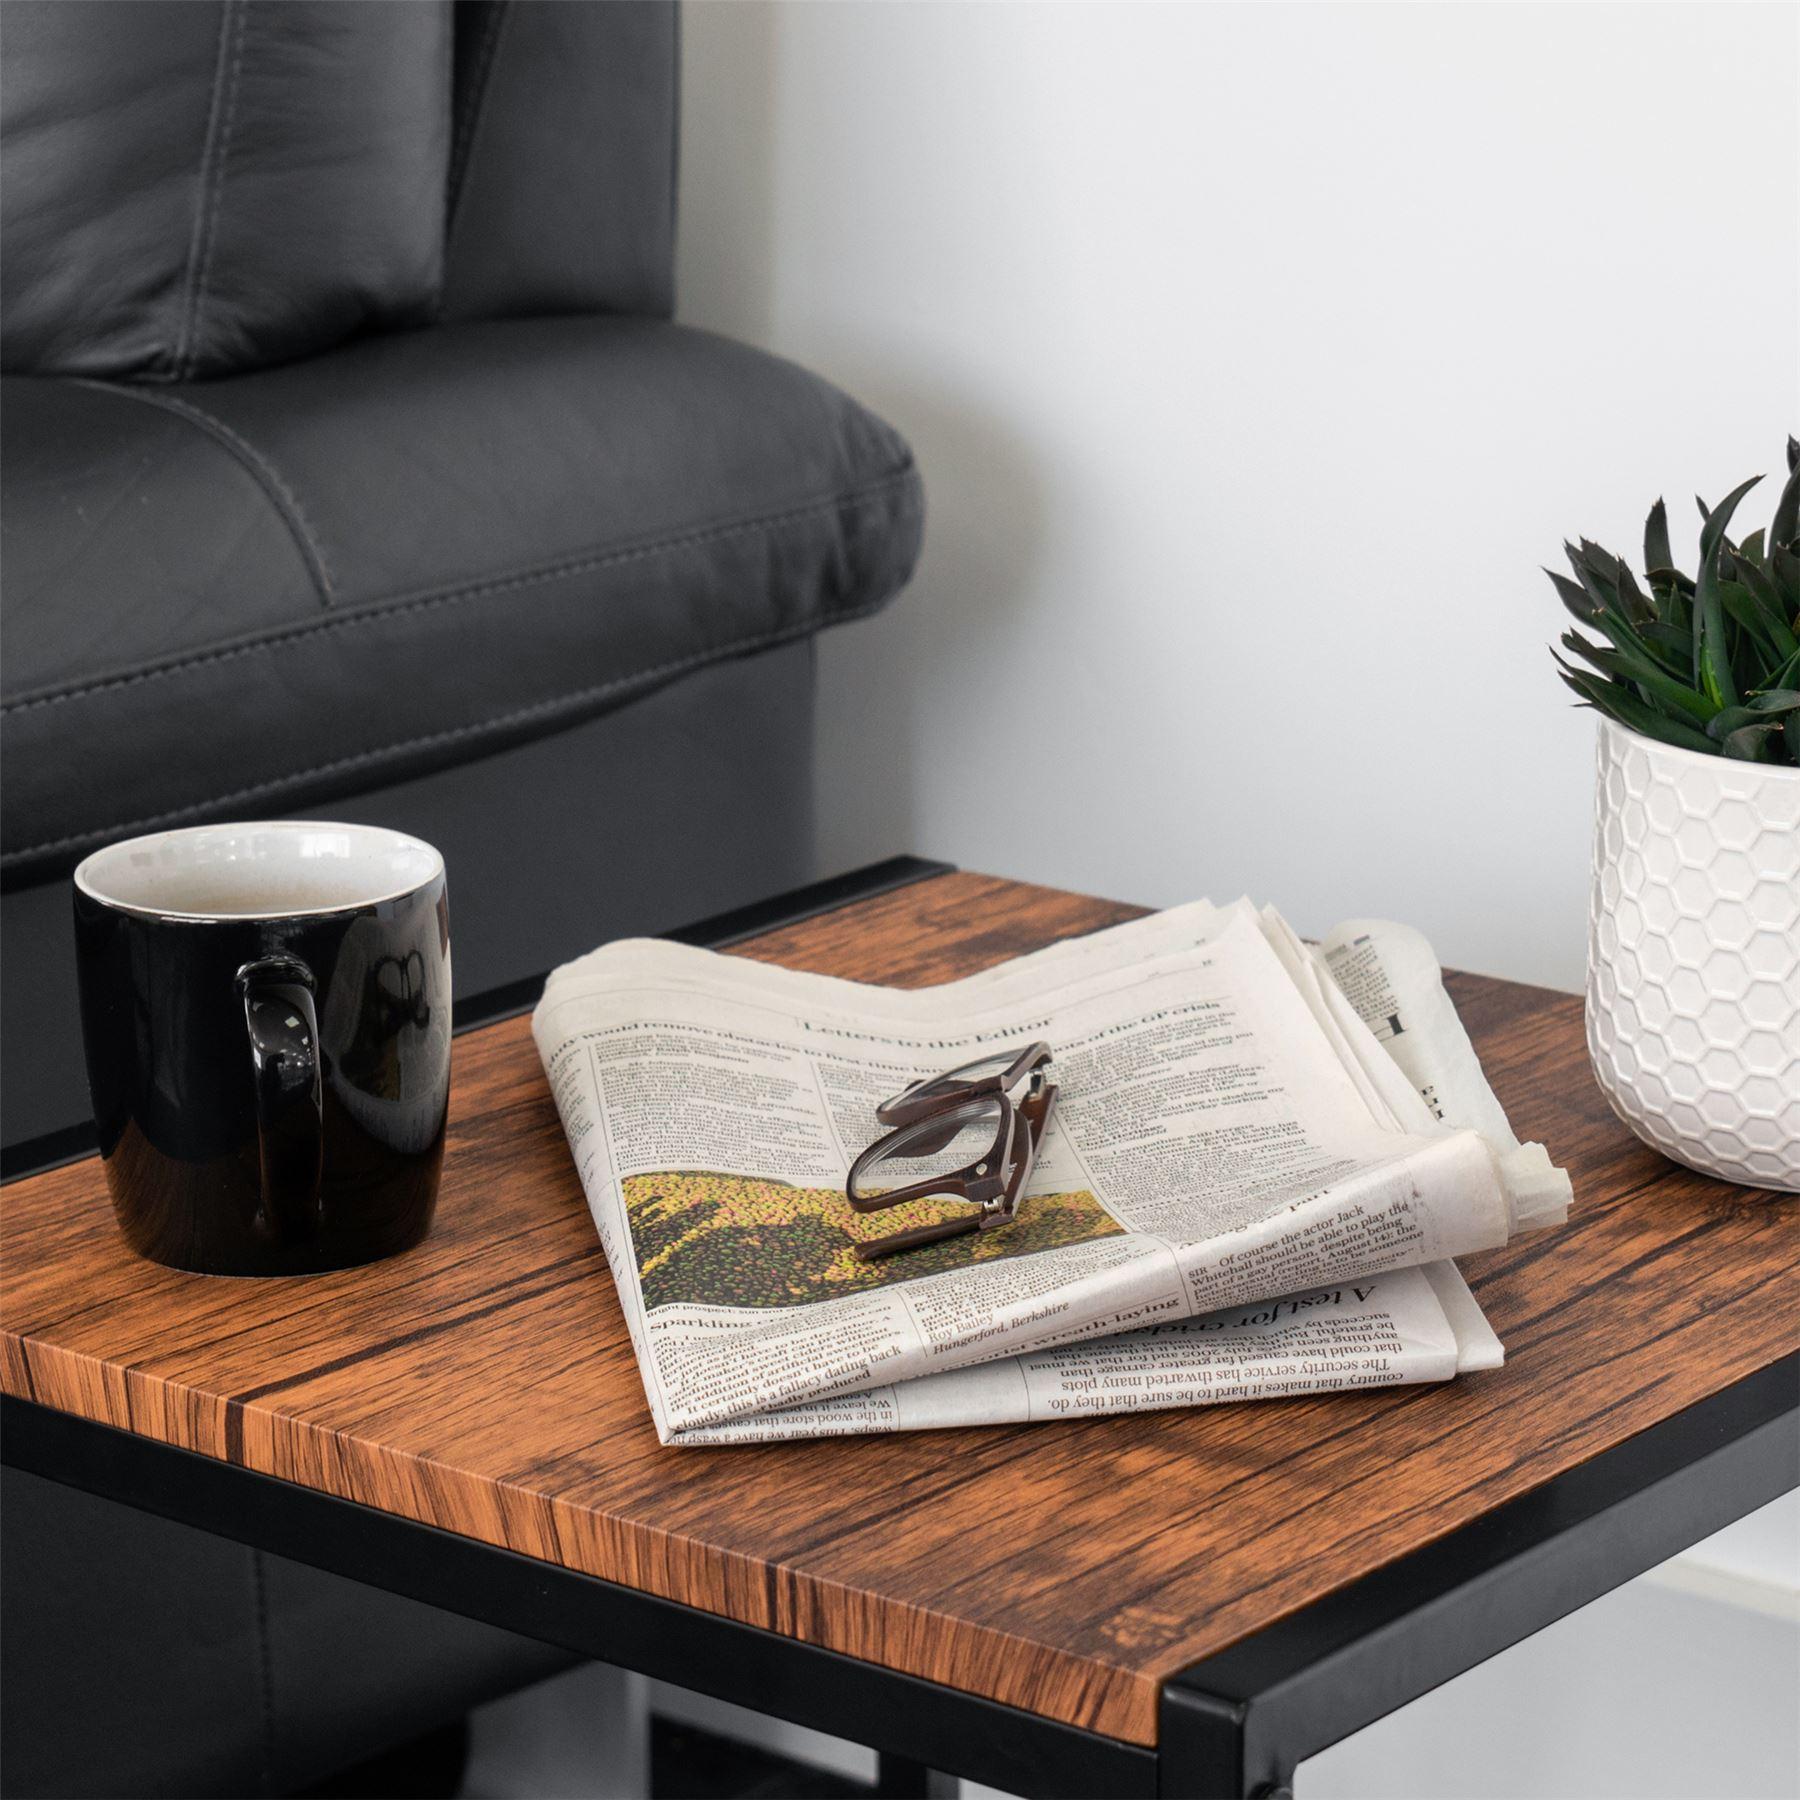 Rustic Dark Wood Metal Frame Set Of 2 Harbour Housewares Industrial Coffee Table Side Table Coffee Tables